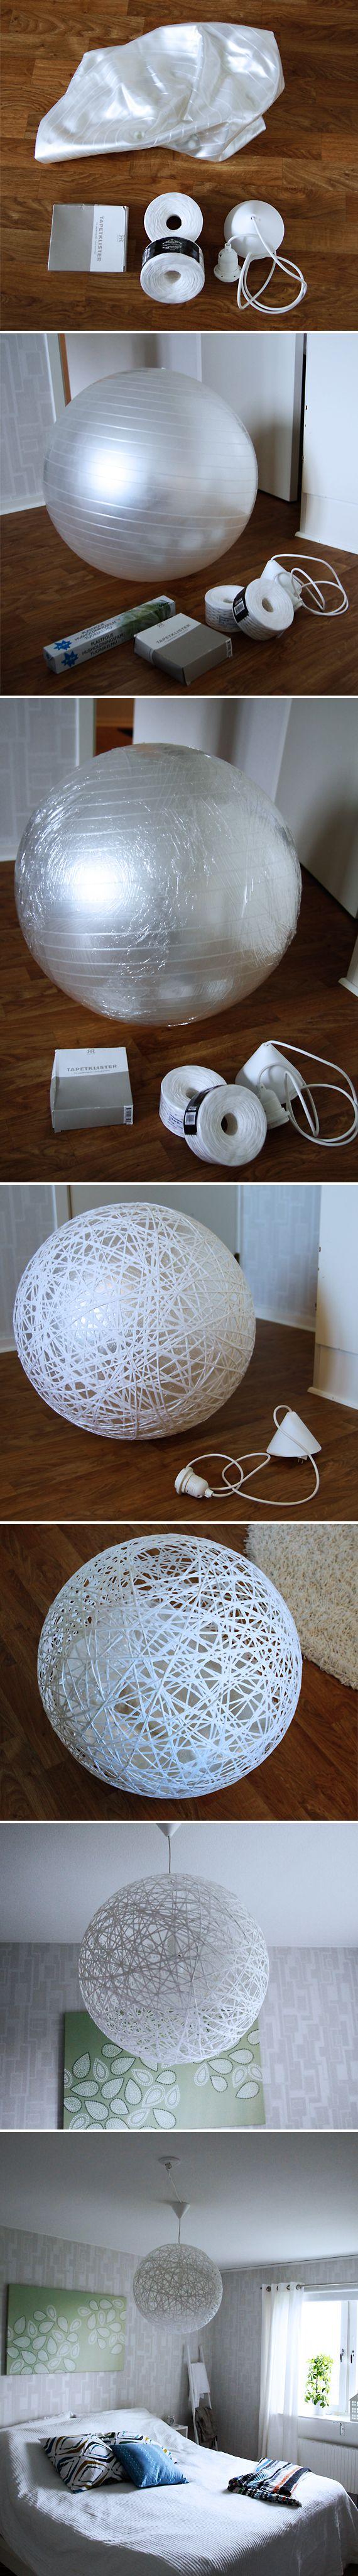 För att göra en egen random light-inspirerad lampa behöver du bara 4 saker:- Pilatesboll- Tapetklister- Pappersnören (cirka 200 meter)- LampsladdSå här gör du1. Blås upp pilatesbollen och linda in ...